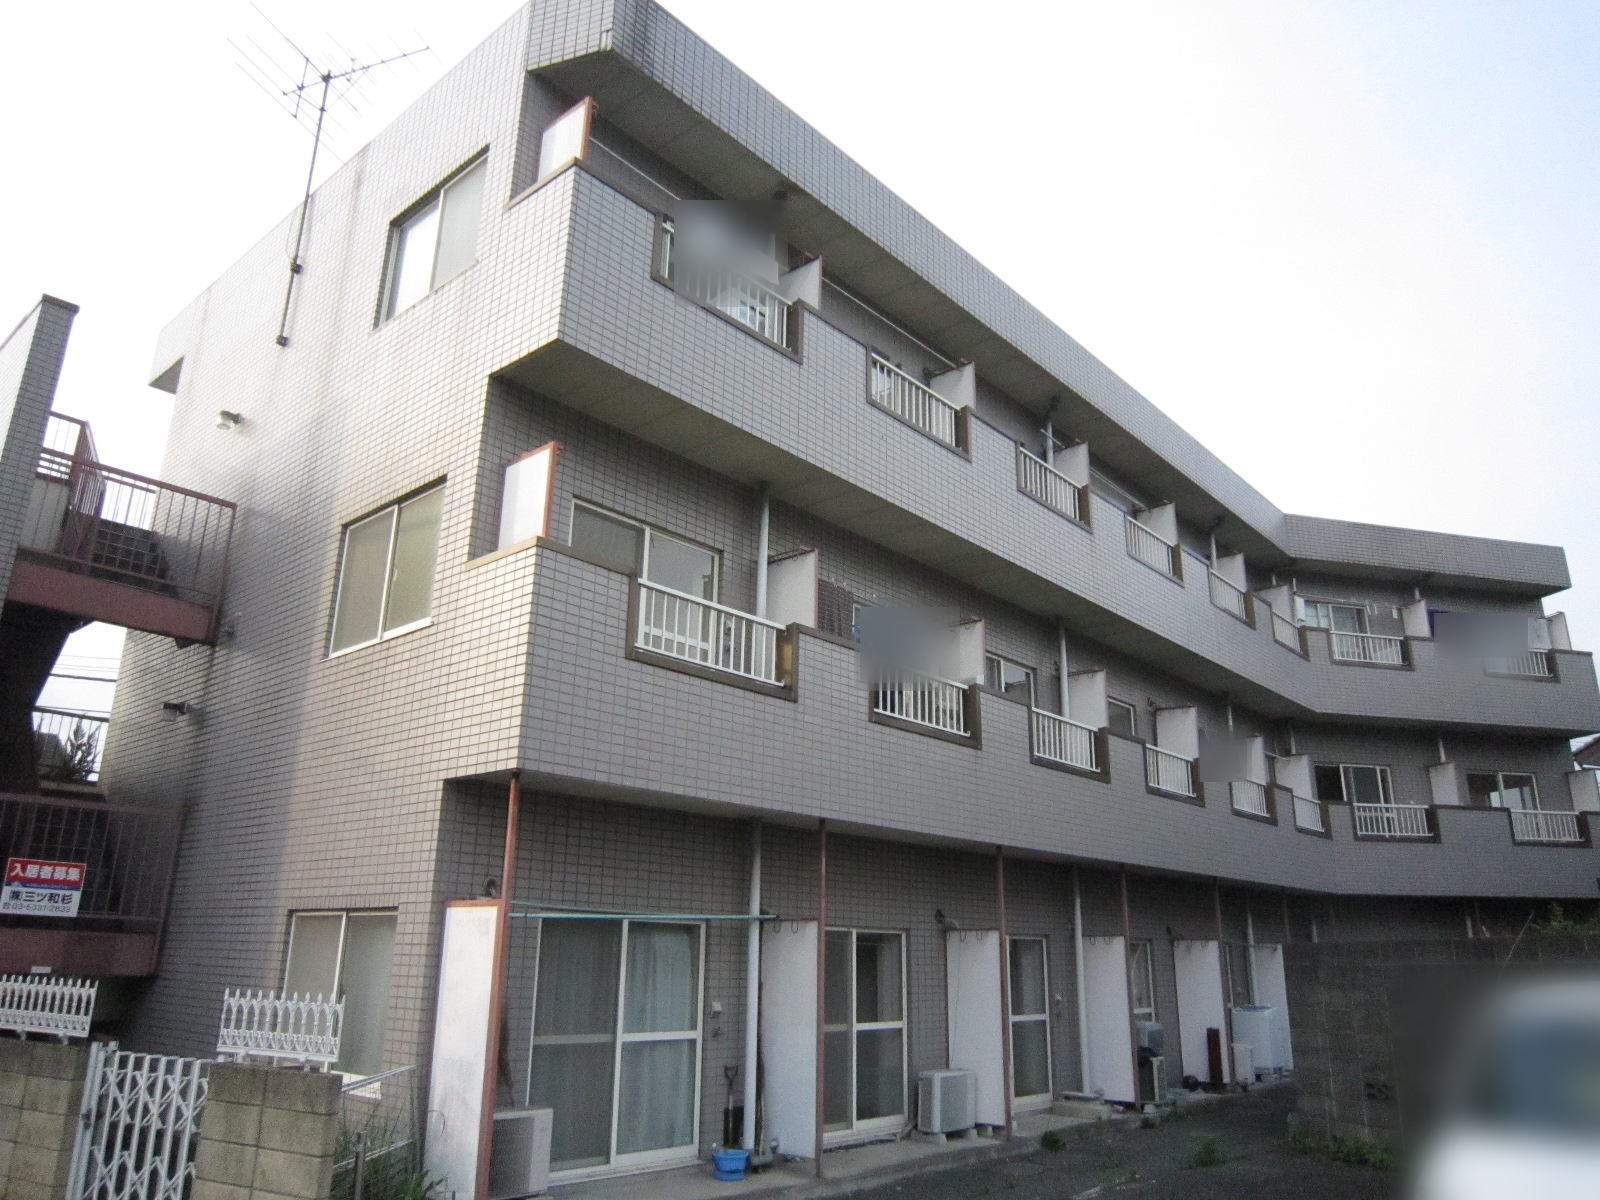 埼玉県入間市、仏子駅徒歩3分の築29年 3階建の賃貸マンション